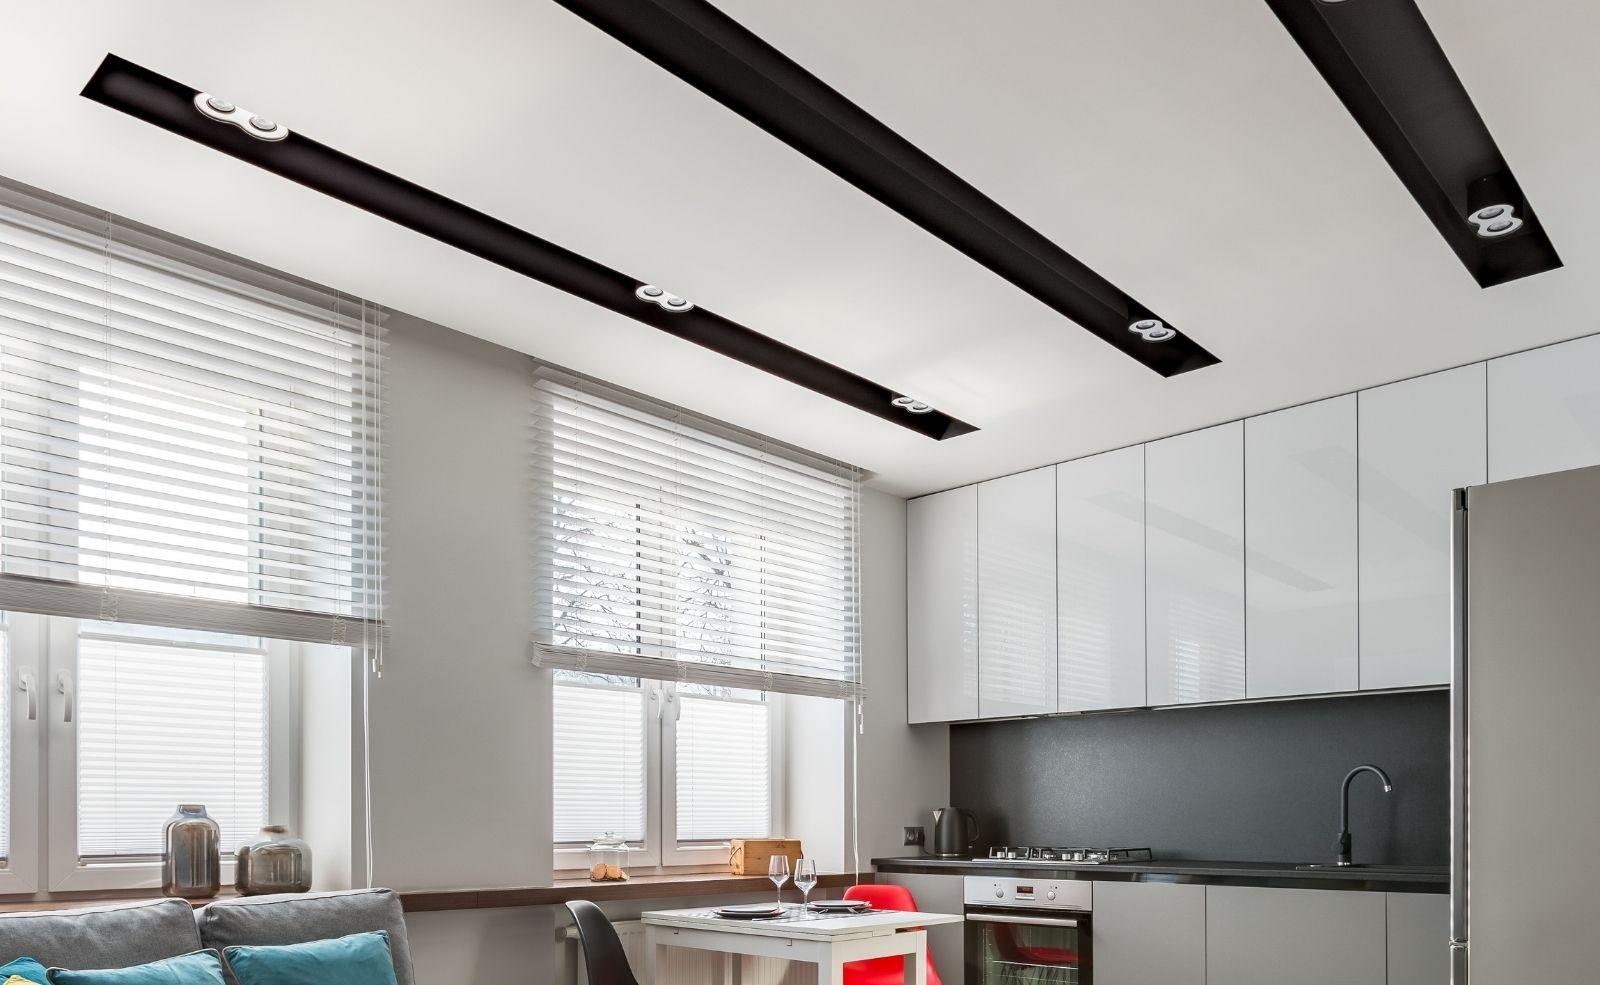 Welche Deckenlampen in der Küche